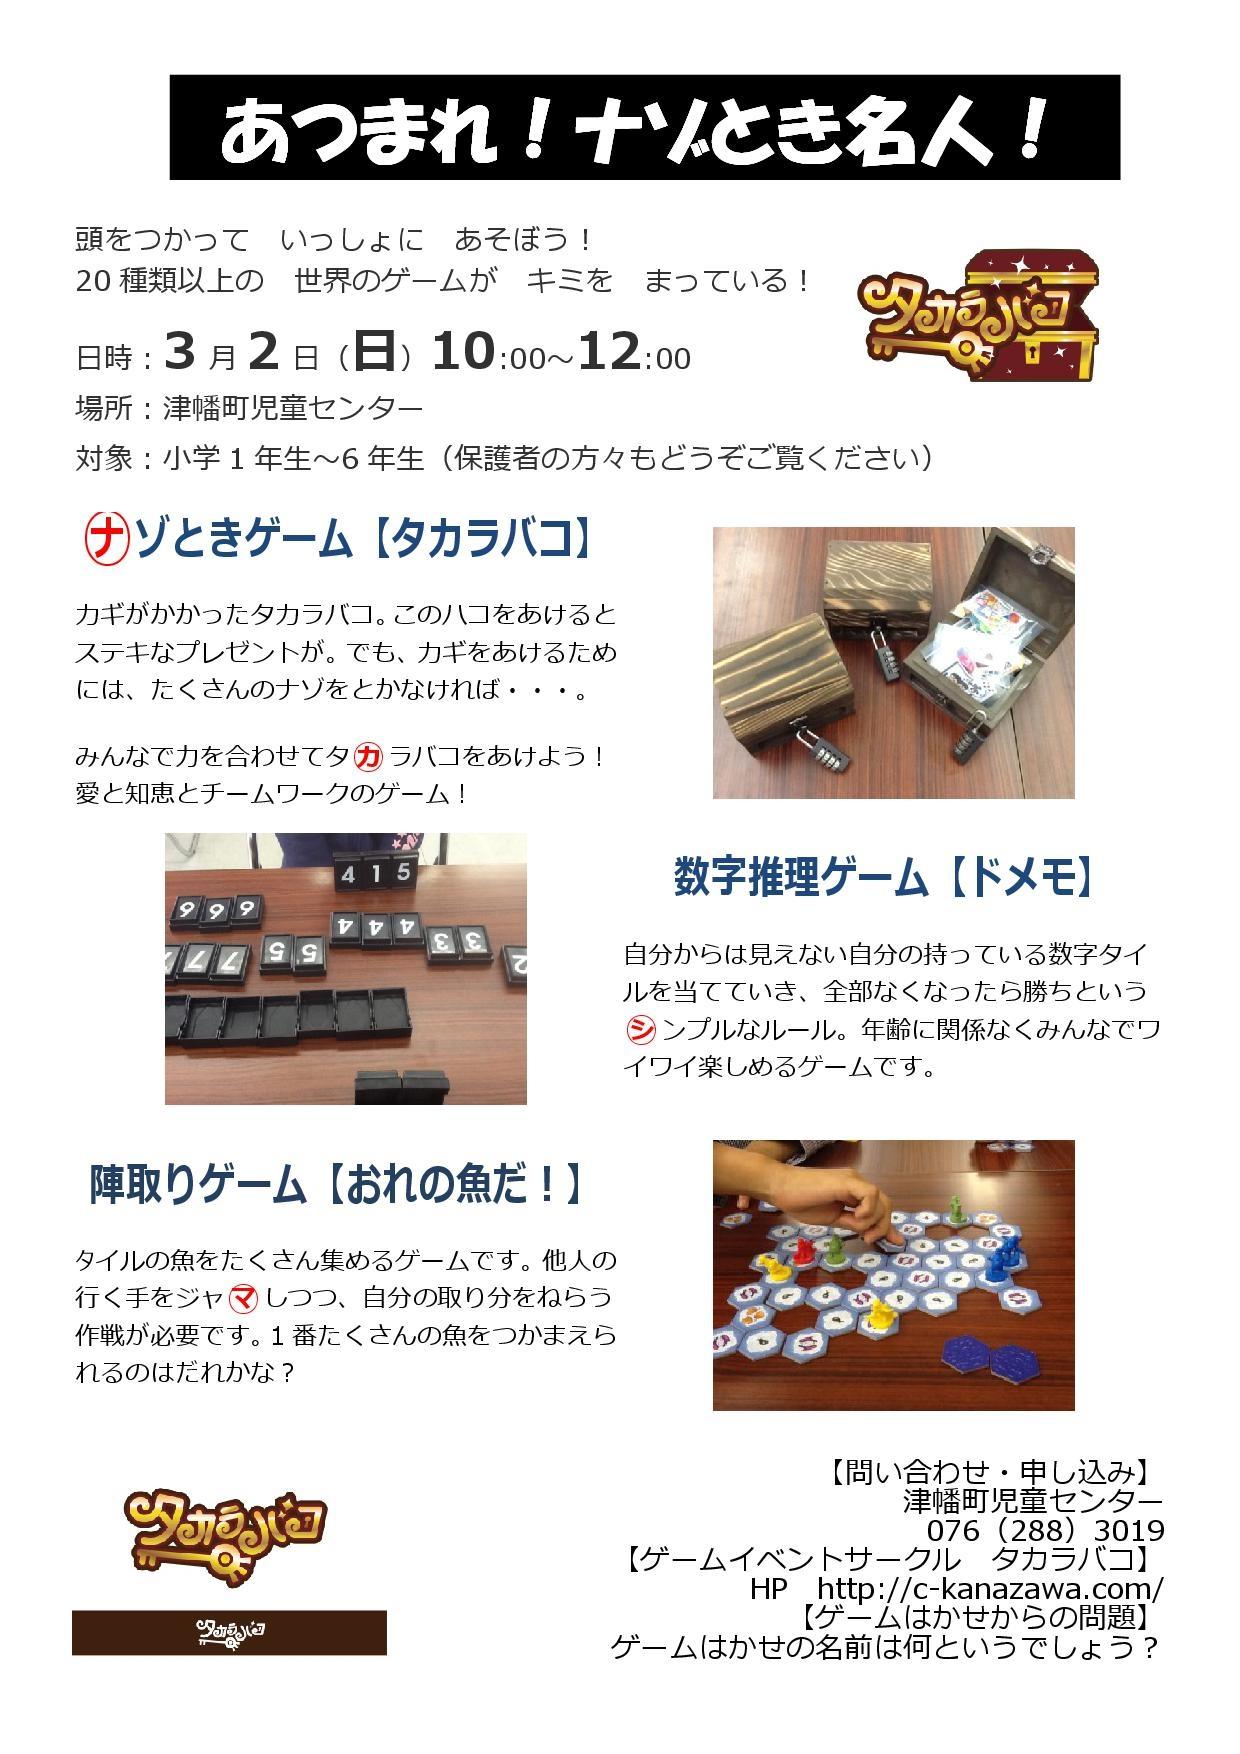 津幡児童センターイベント20140302mini.jpg